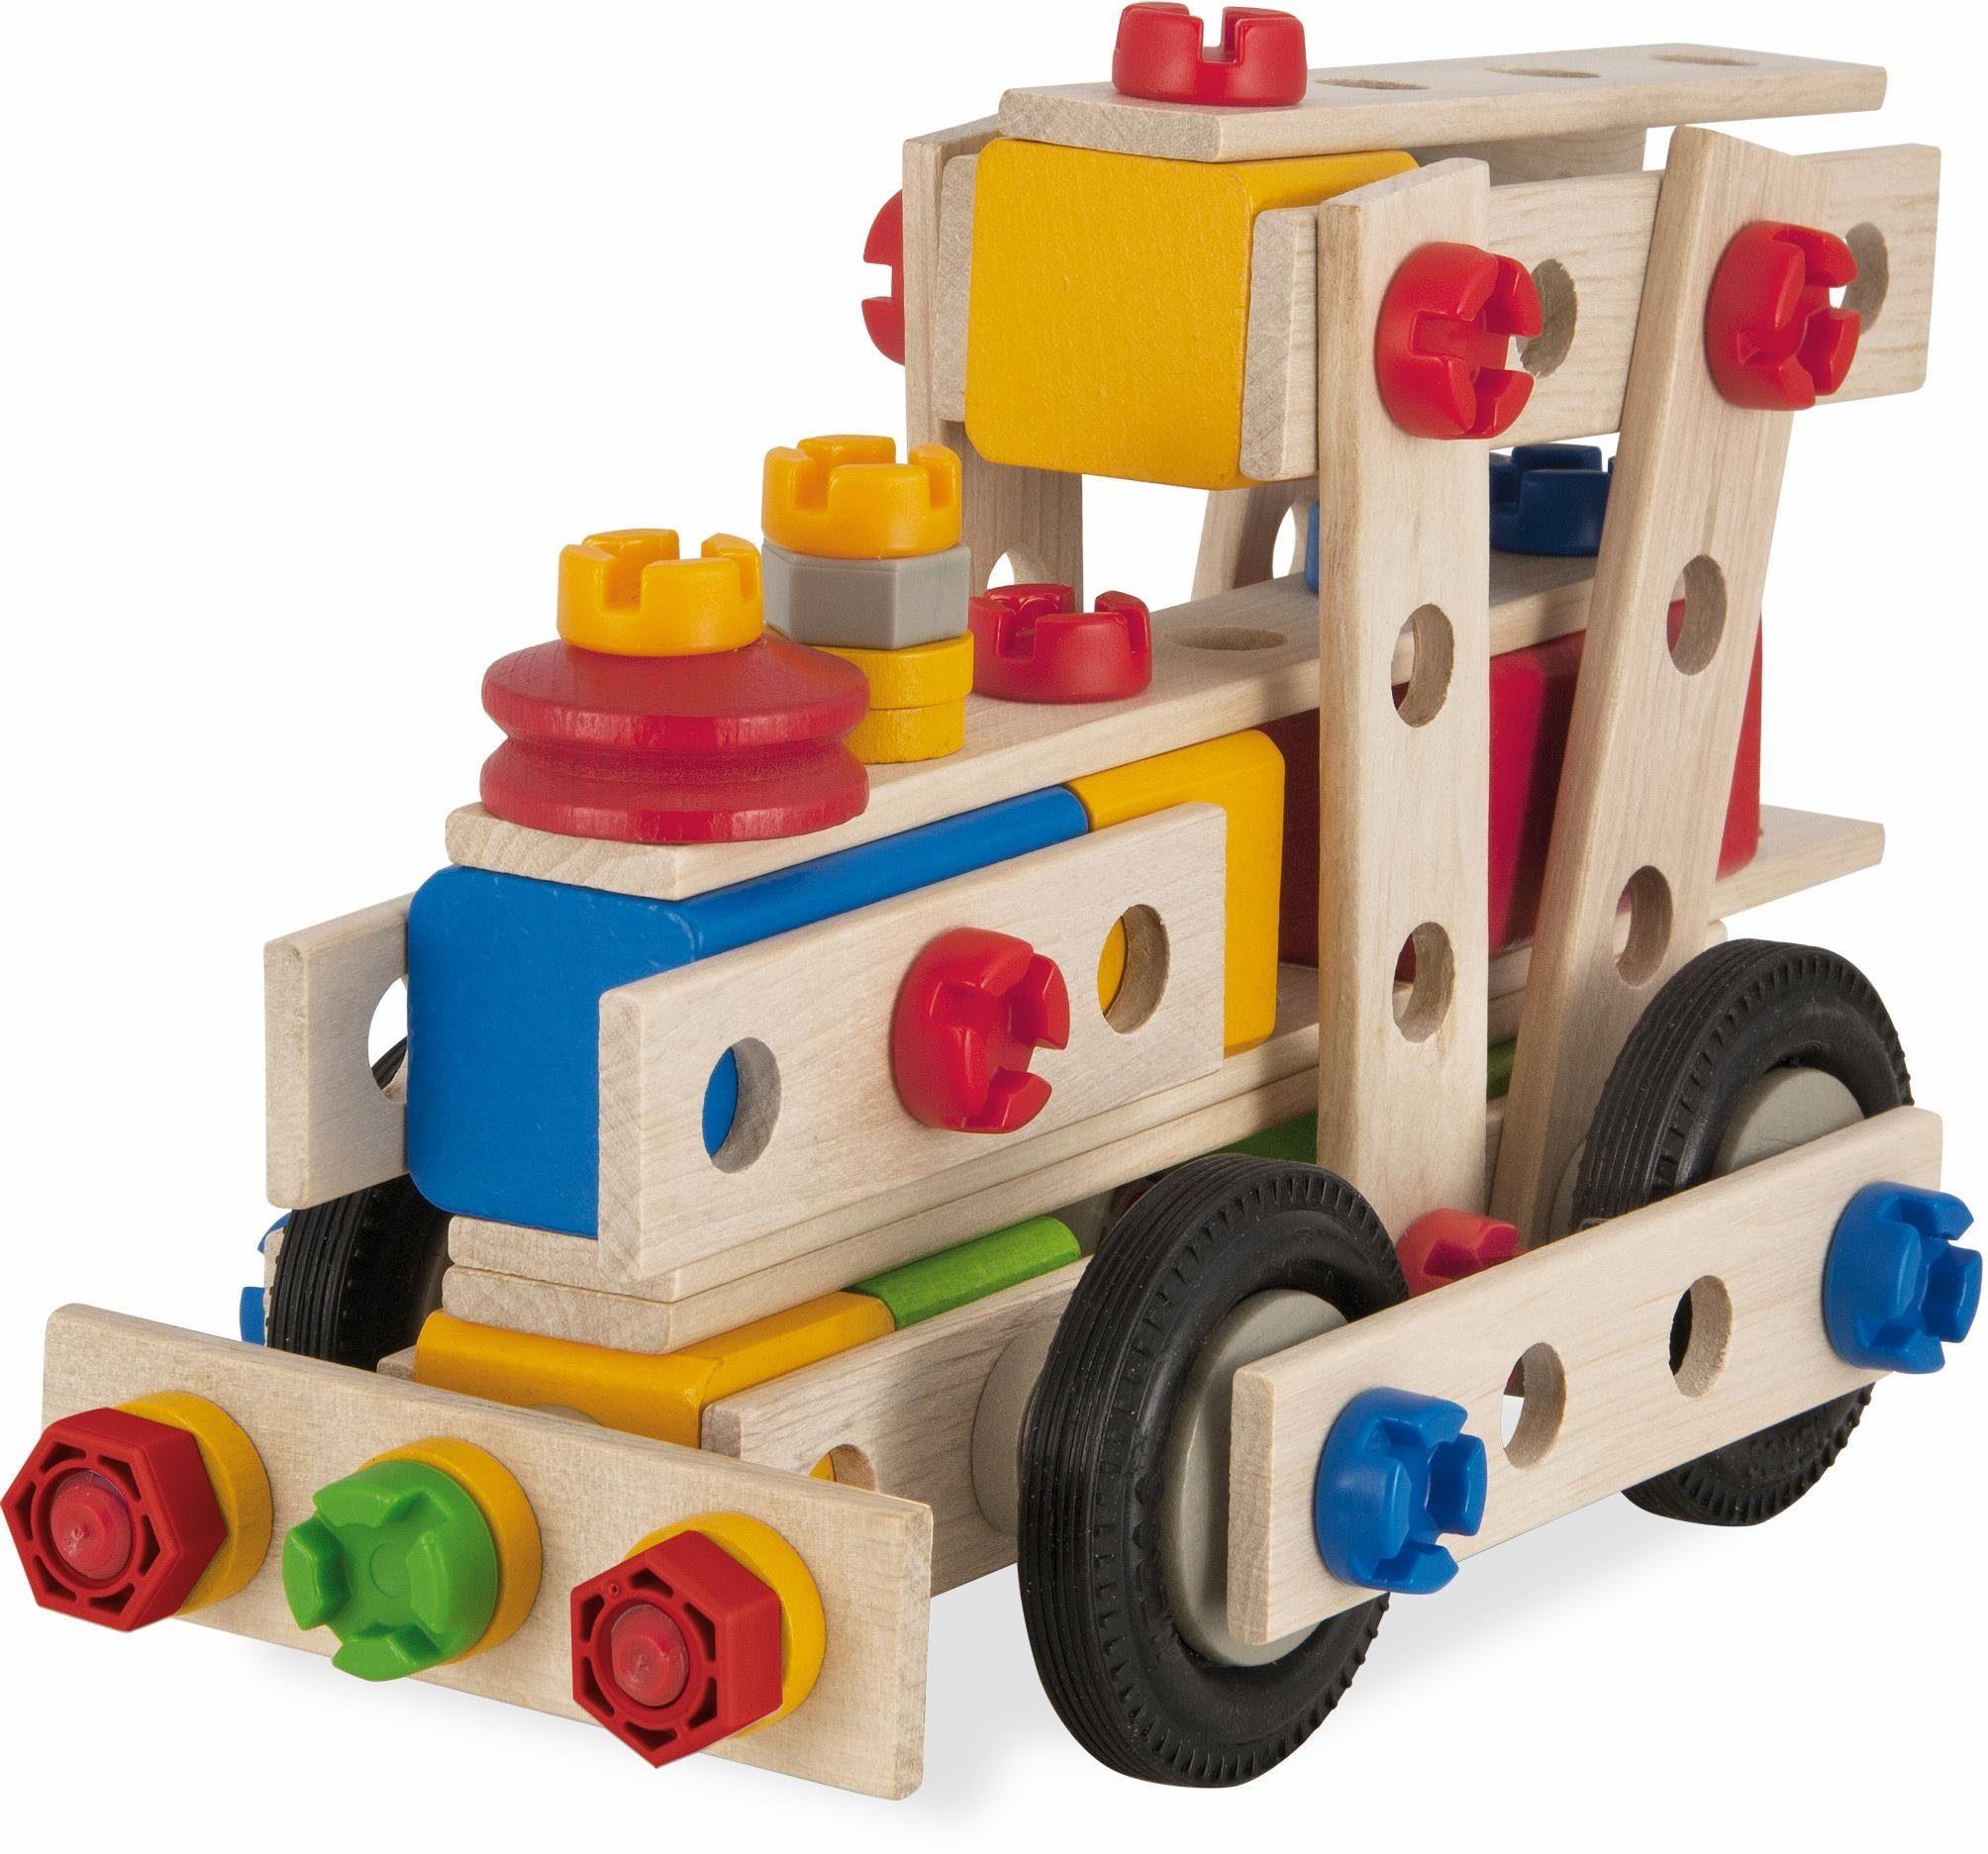 Eichhorn Multifunktionsbausatz für verschiedene Fahrzeuge aus Holz, »Constructor große Lok, 100 tlg.«